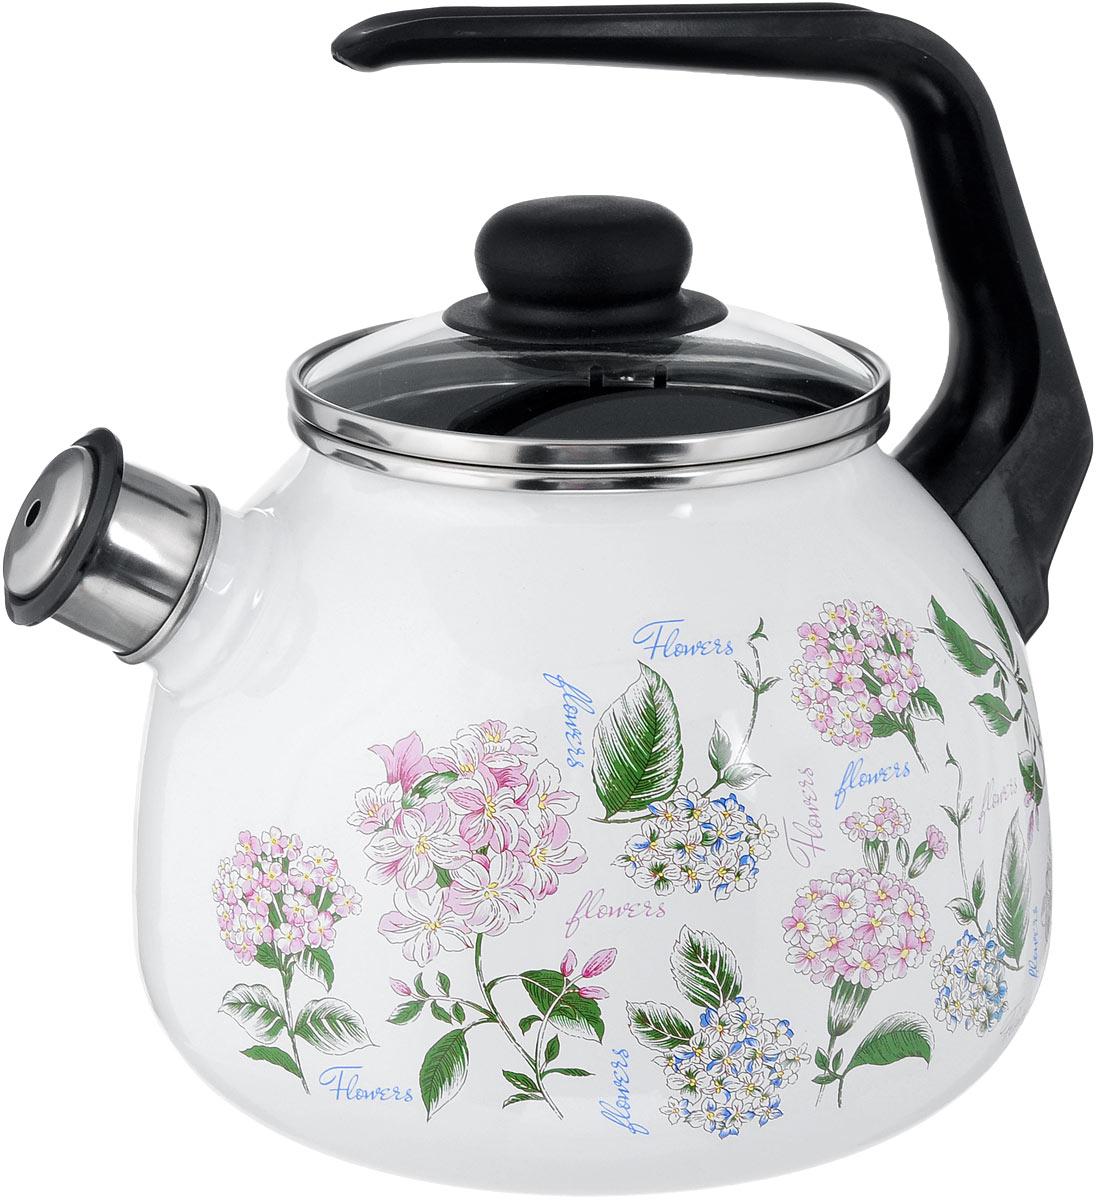 Чайник эмалированный Vitross Buket, со свистком, 2 л115510Чайник эмалированный Vitross Buket изготовлен из высококачественного стального проката со стеклокерамическим эмалевым покрытием. Корпус оформлен изящным цветочным рисунком. Стеклокерамика инертна и устойчива к пищевым кислотам, не вступает во взаимодействие с продуктами и не искажает их вкусовые качества. Прочный стальной корпус обеспечивает эффективную тепловую обработку пищевых продуктов и не деформируется в процессе эксплуатации.Чайник оснащен удобной пластиковой ручкой черного цвета. Крышка чайника выполнена из стекла. Носик чайника с насадкой-свистком позволит вам контролировать процесс подогрева или кипячения воды. Чайник пригоден для использования на всех видах плит, включая индукционные. Можно мыть в посудомоечной машине. Диаметр (по верхнему краю): 12,5 см.Высота чайника (с учетом ручки): 21 см.Высота чайника (без учета ручки и крышки): 12,5 см.